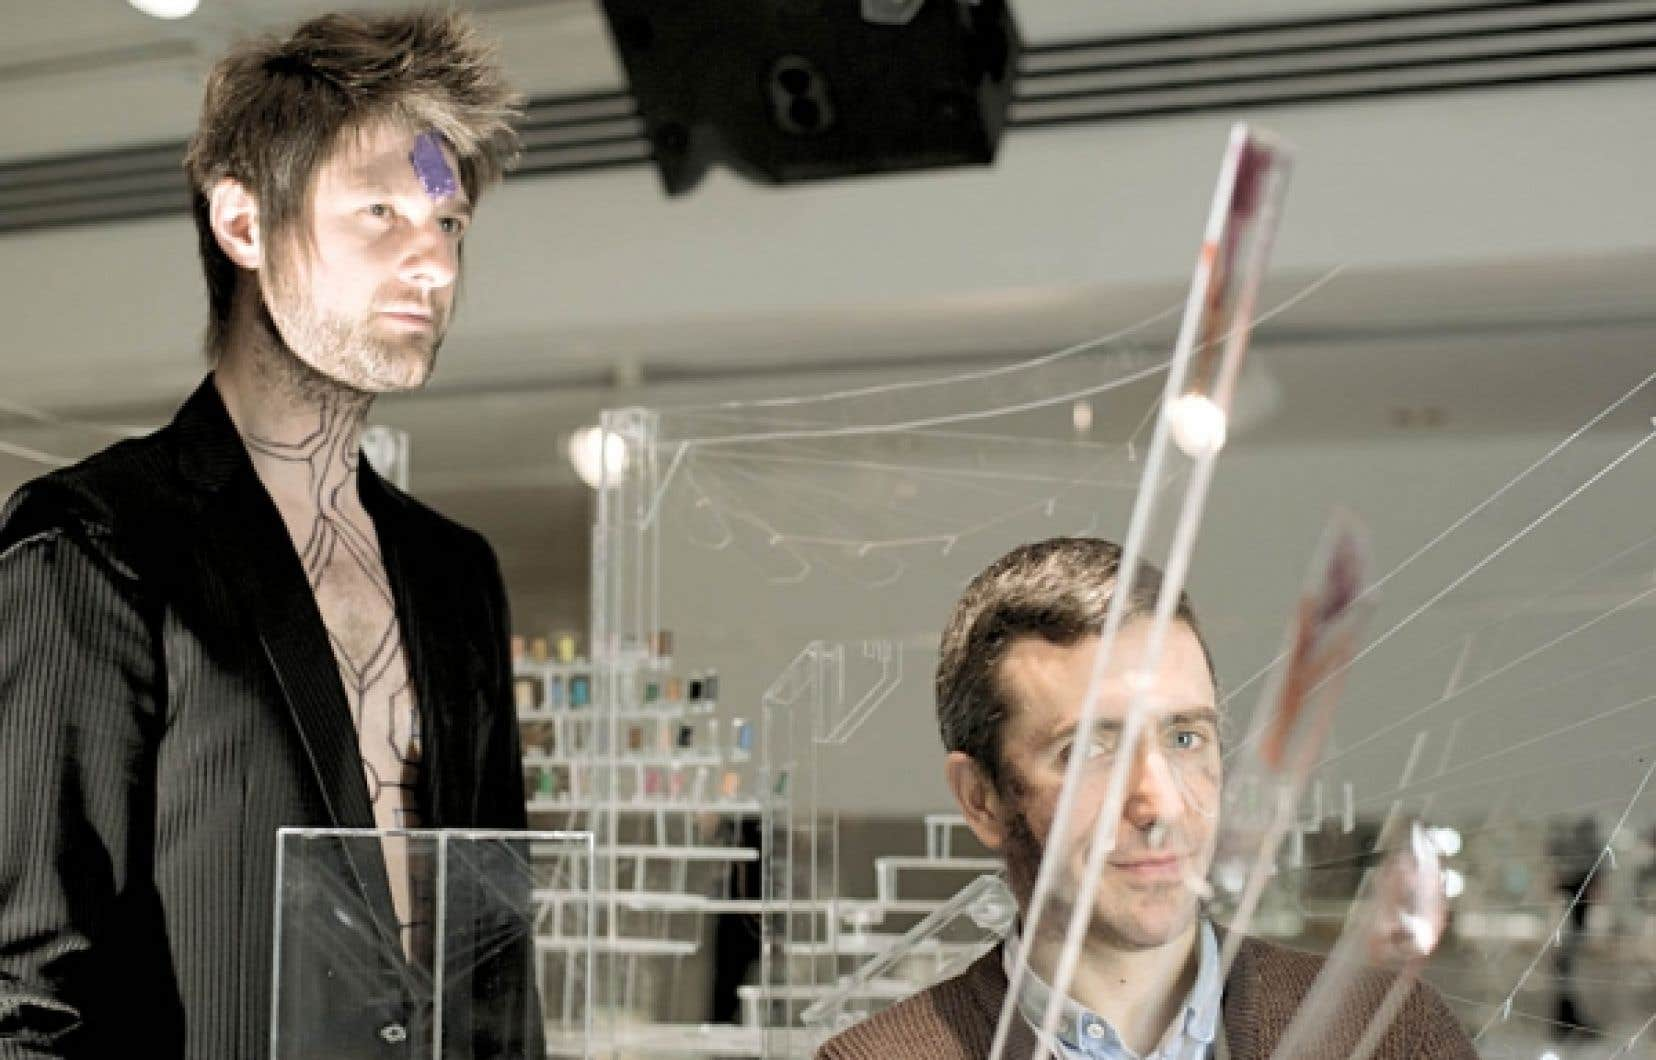 Pierre Lapointe et David Altmedj ont travaillé ensemble sur le projet Contes crépusculaires, présenté à la galerie de l'UQAM.<br />